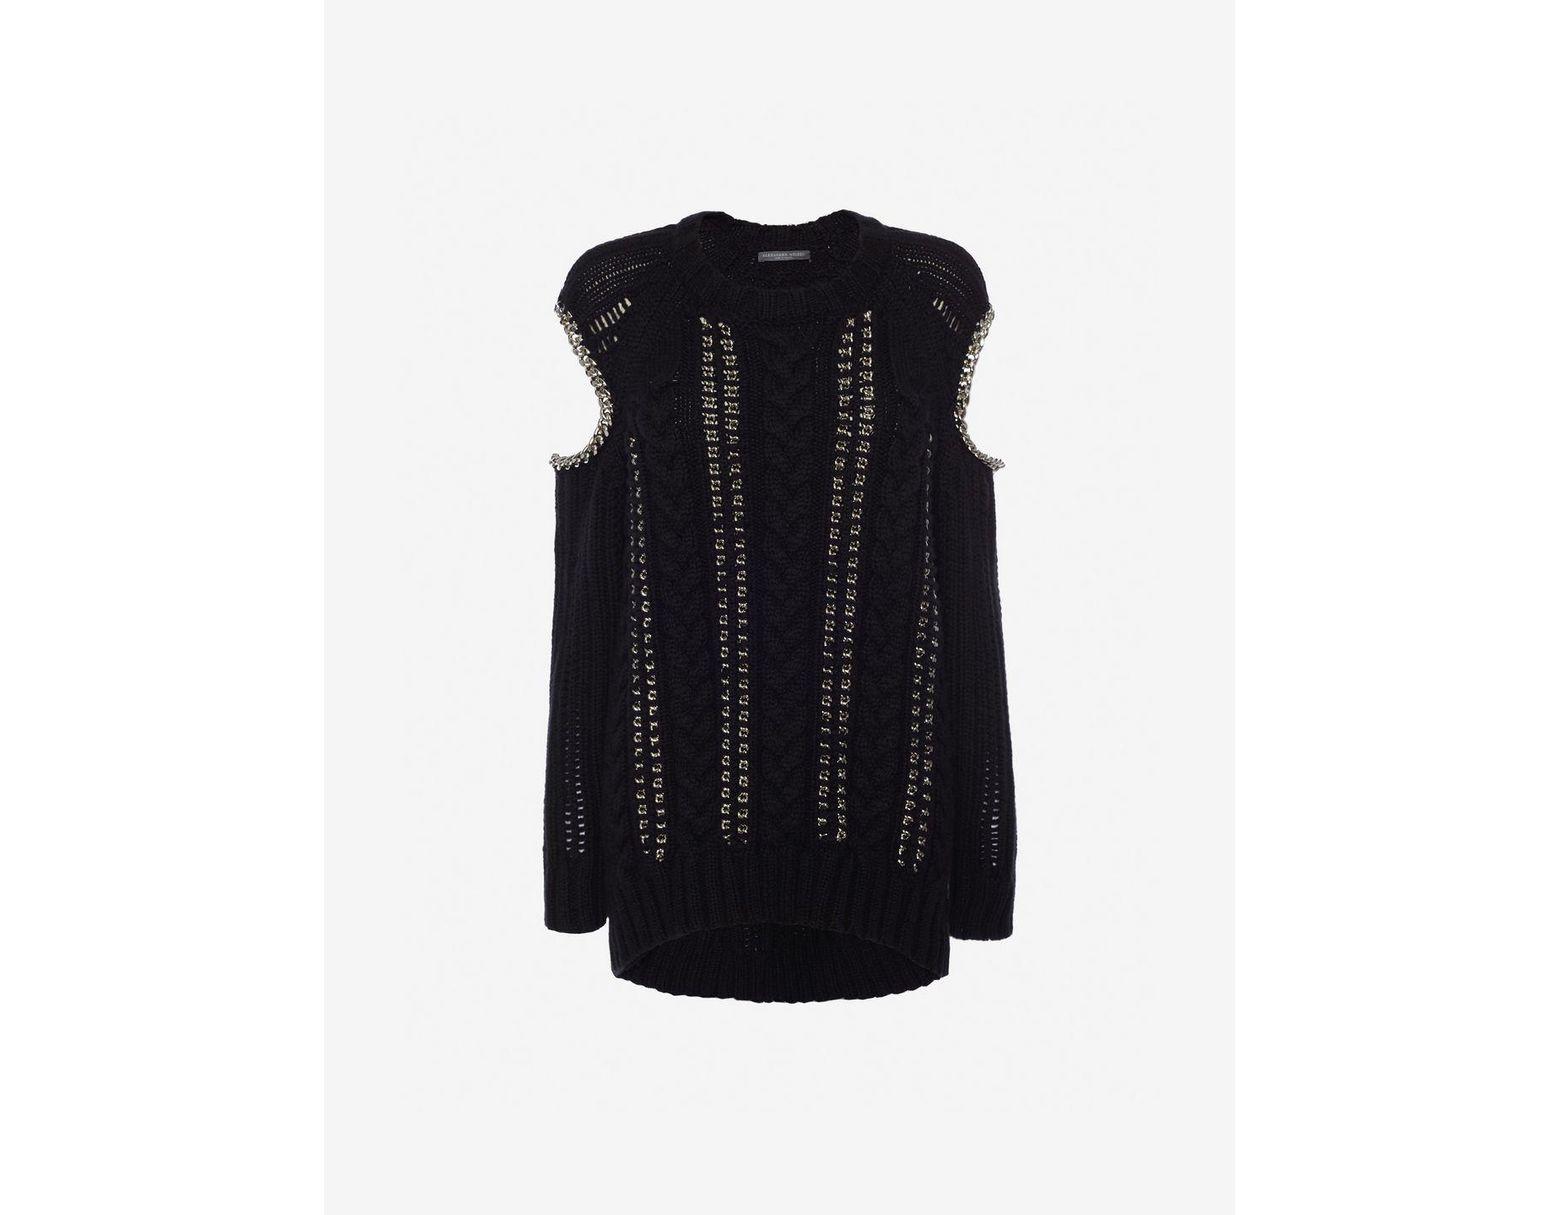 e7e29cd87c5 Women's Black Chain Knit Sweater